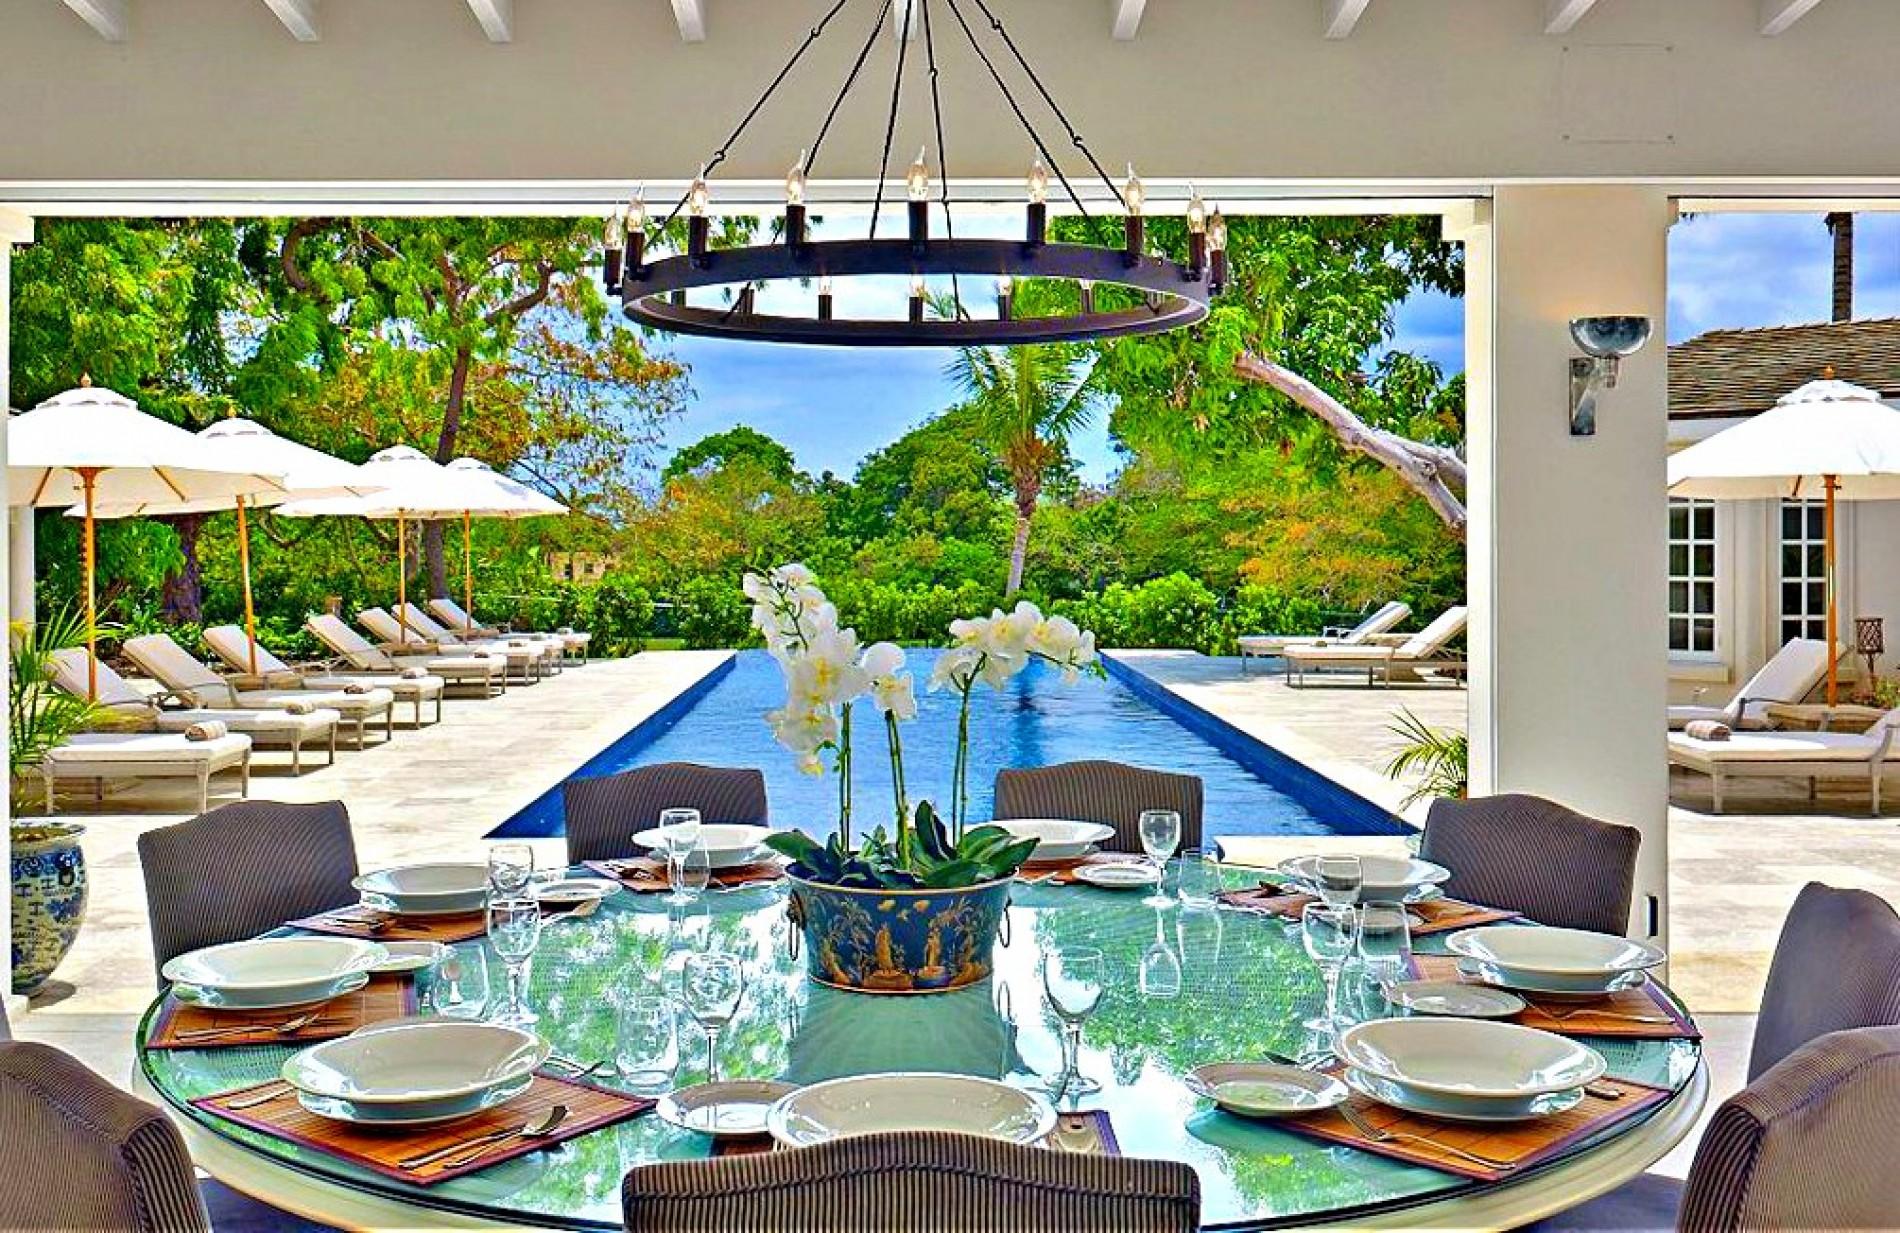 Casablanca -7 Bedroom villa- Sandy Lane Estate